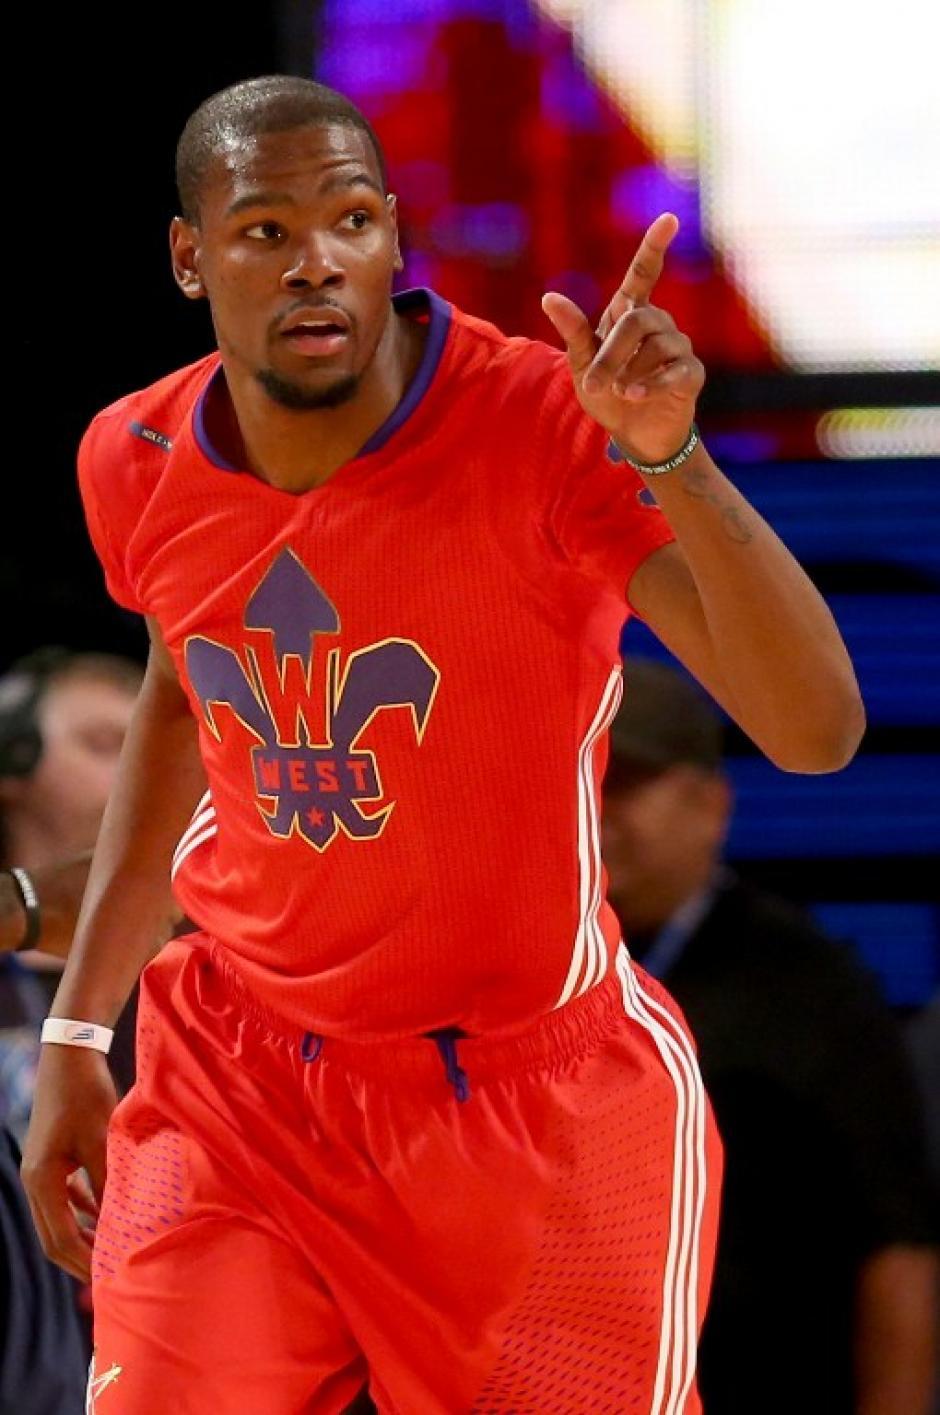 Kevin Durant del Thunder incendió la cancha con su talento y energía, aportando 30 puntos al Este, sin embargo perdieron. (AFP)